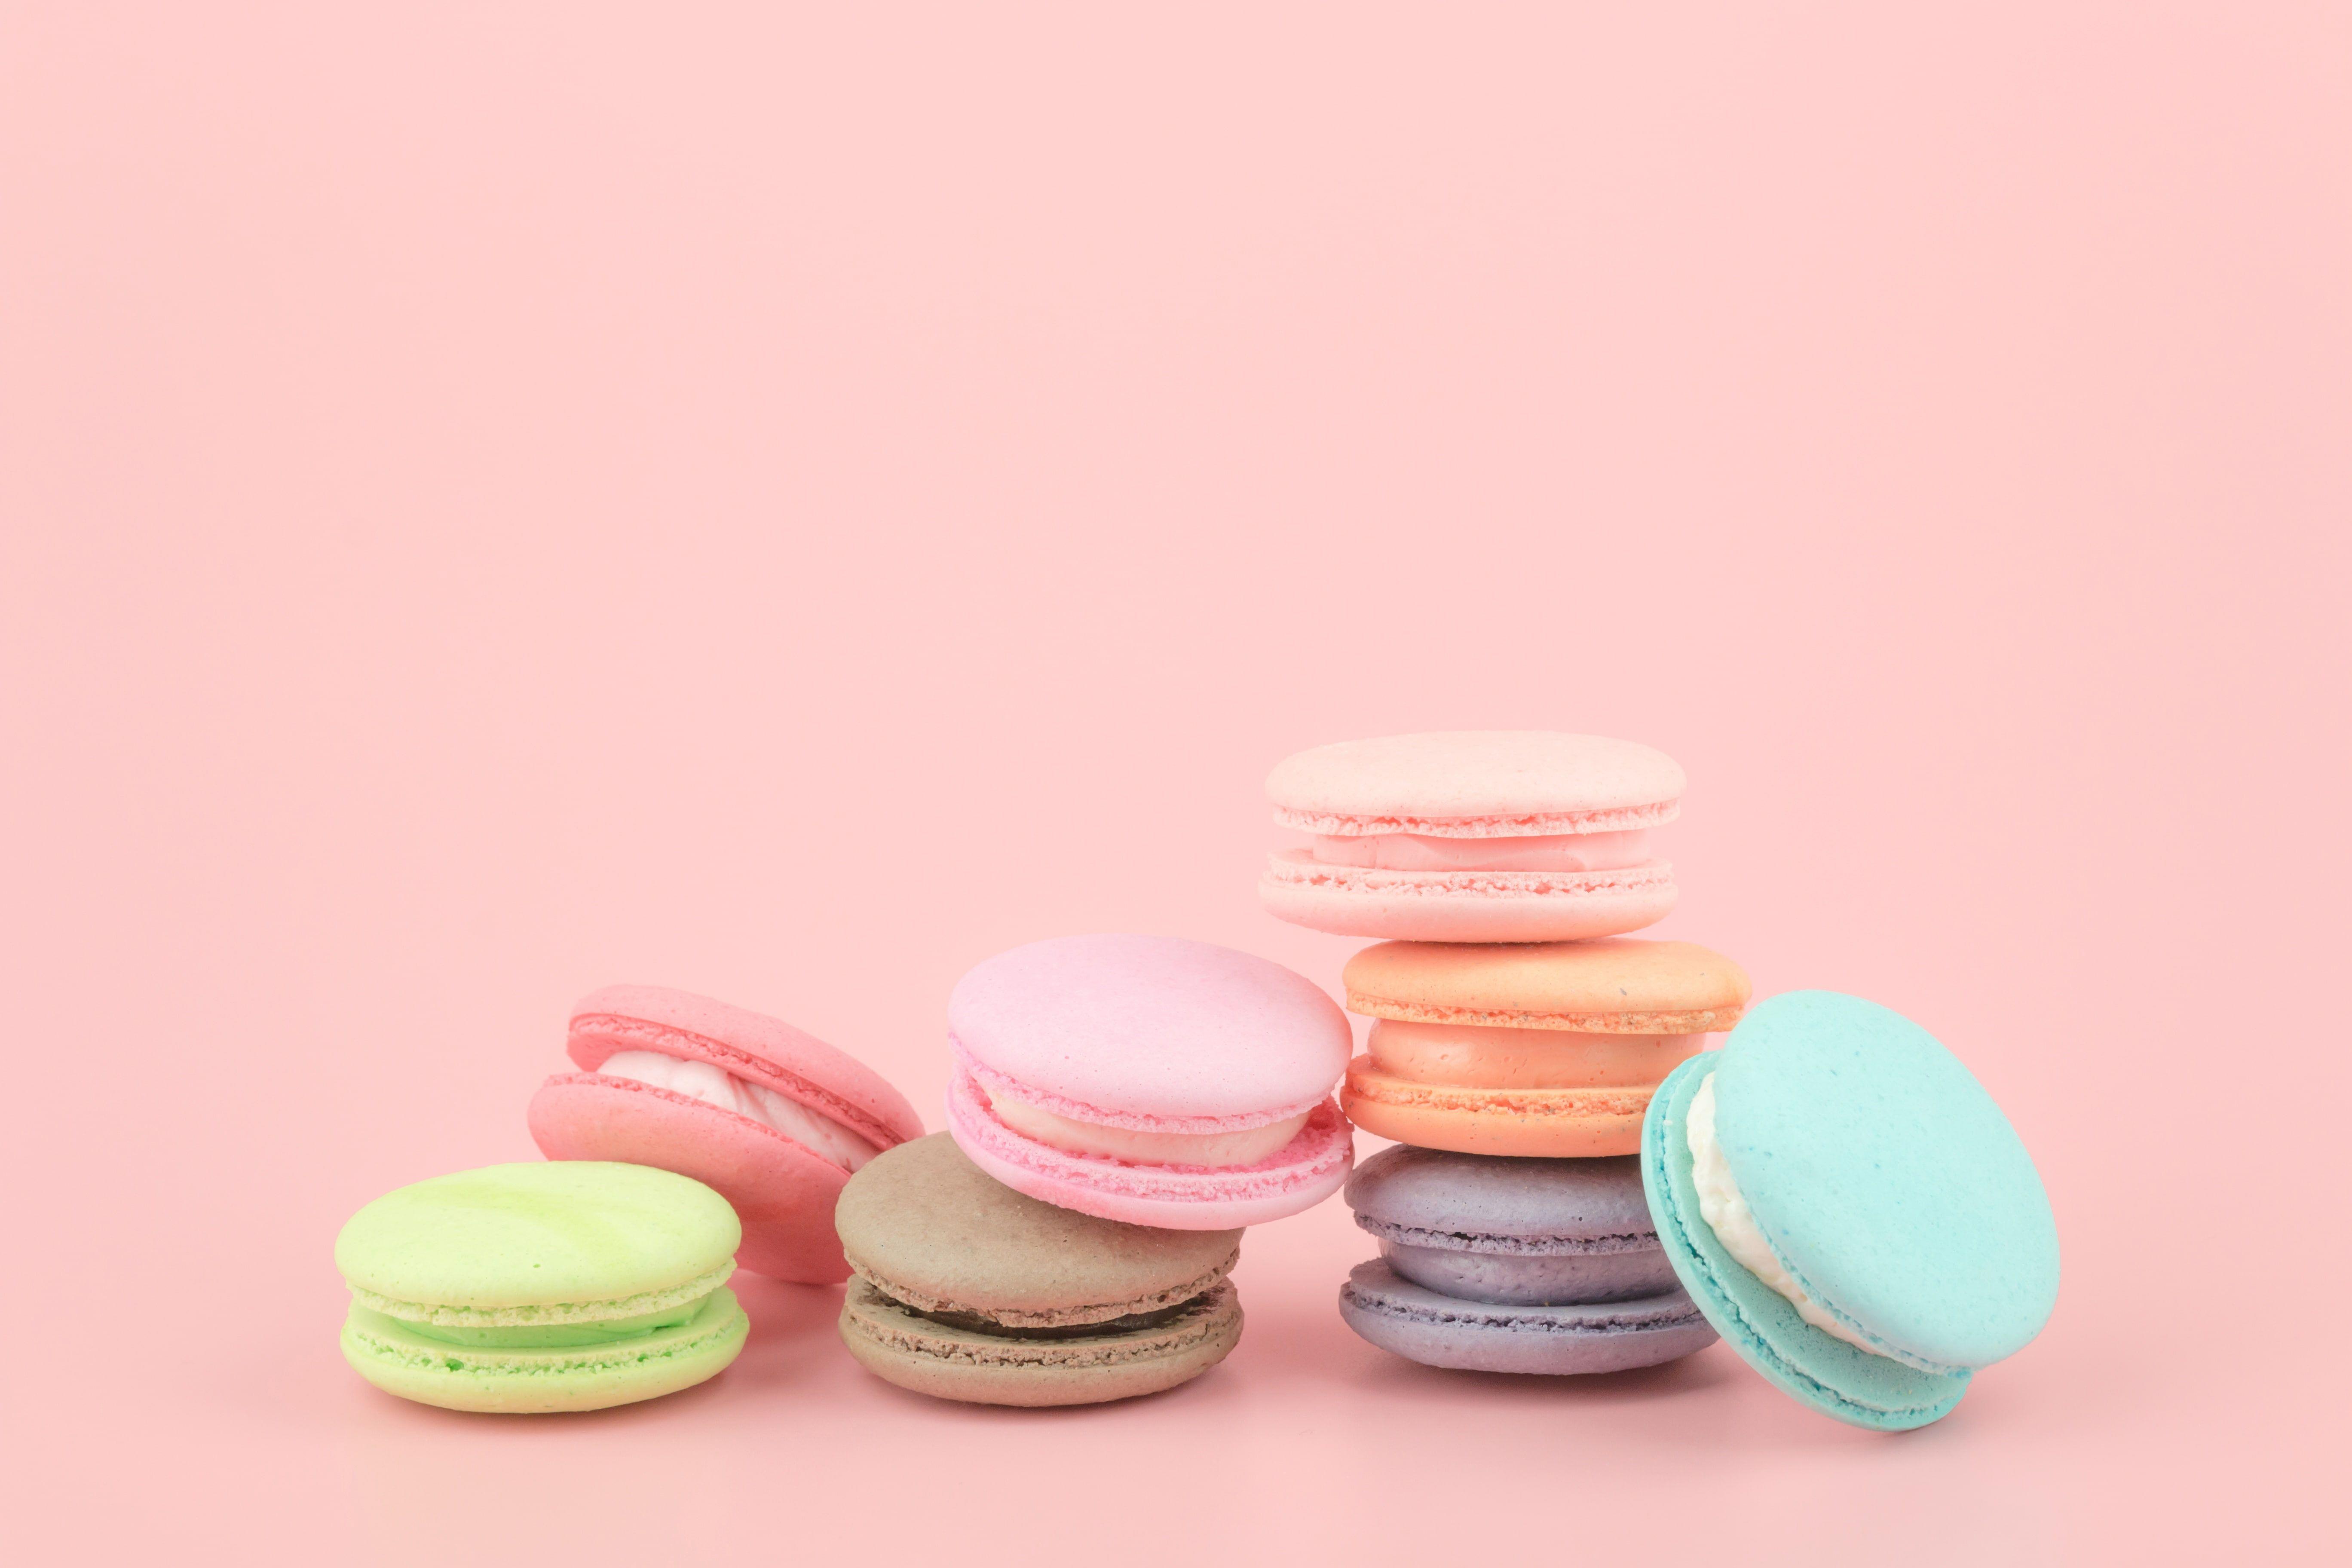 Colorful Dessert Pink Cakes Sweet Sweet Dessert Macaroon French Macaron Macaroon 5k Wallpaper Hdwal Macaron Wallpaper Macaroon Wallpaper Macarons